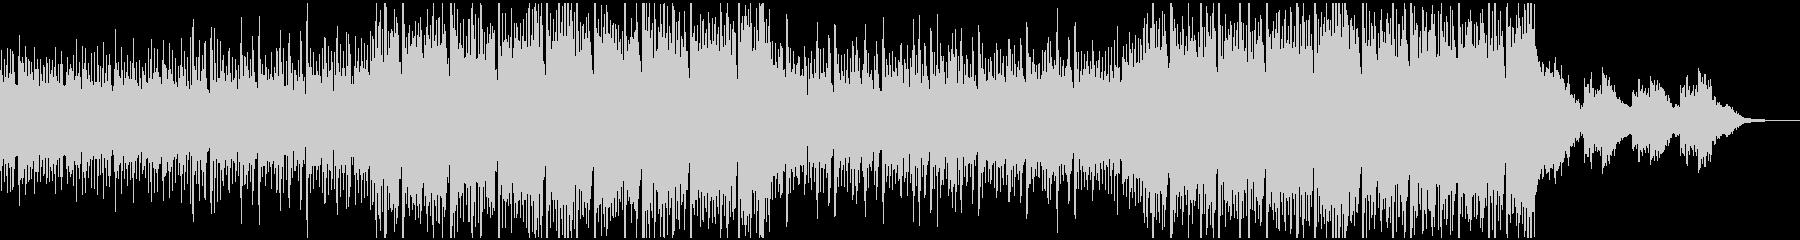 ゆったりおしゃれなFuture Bassの未再生の波形